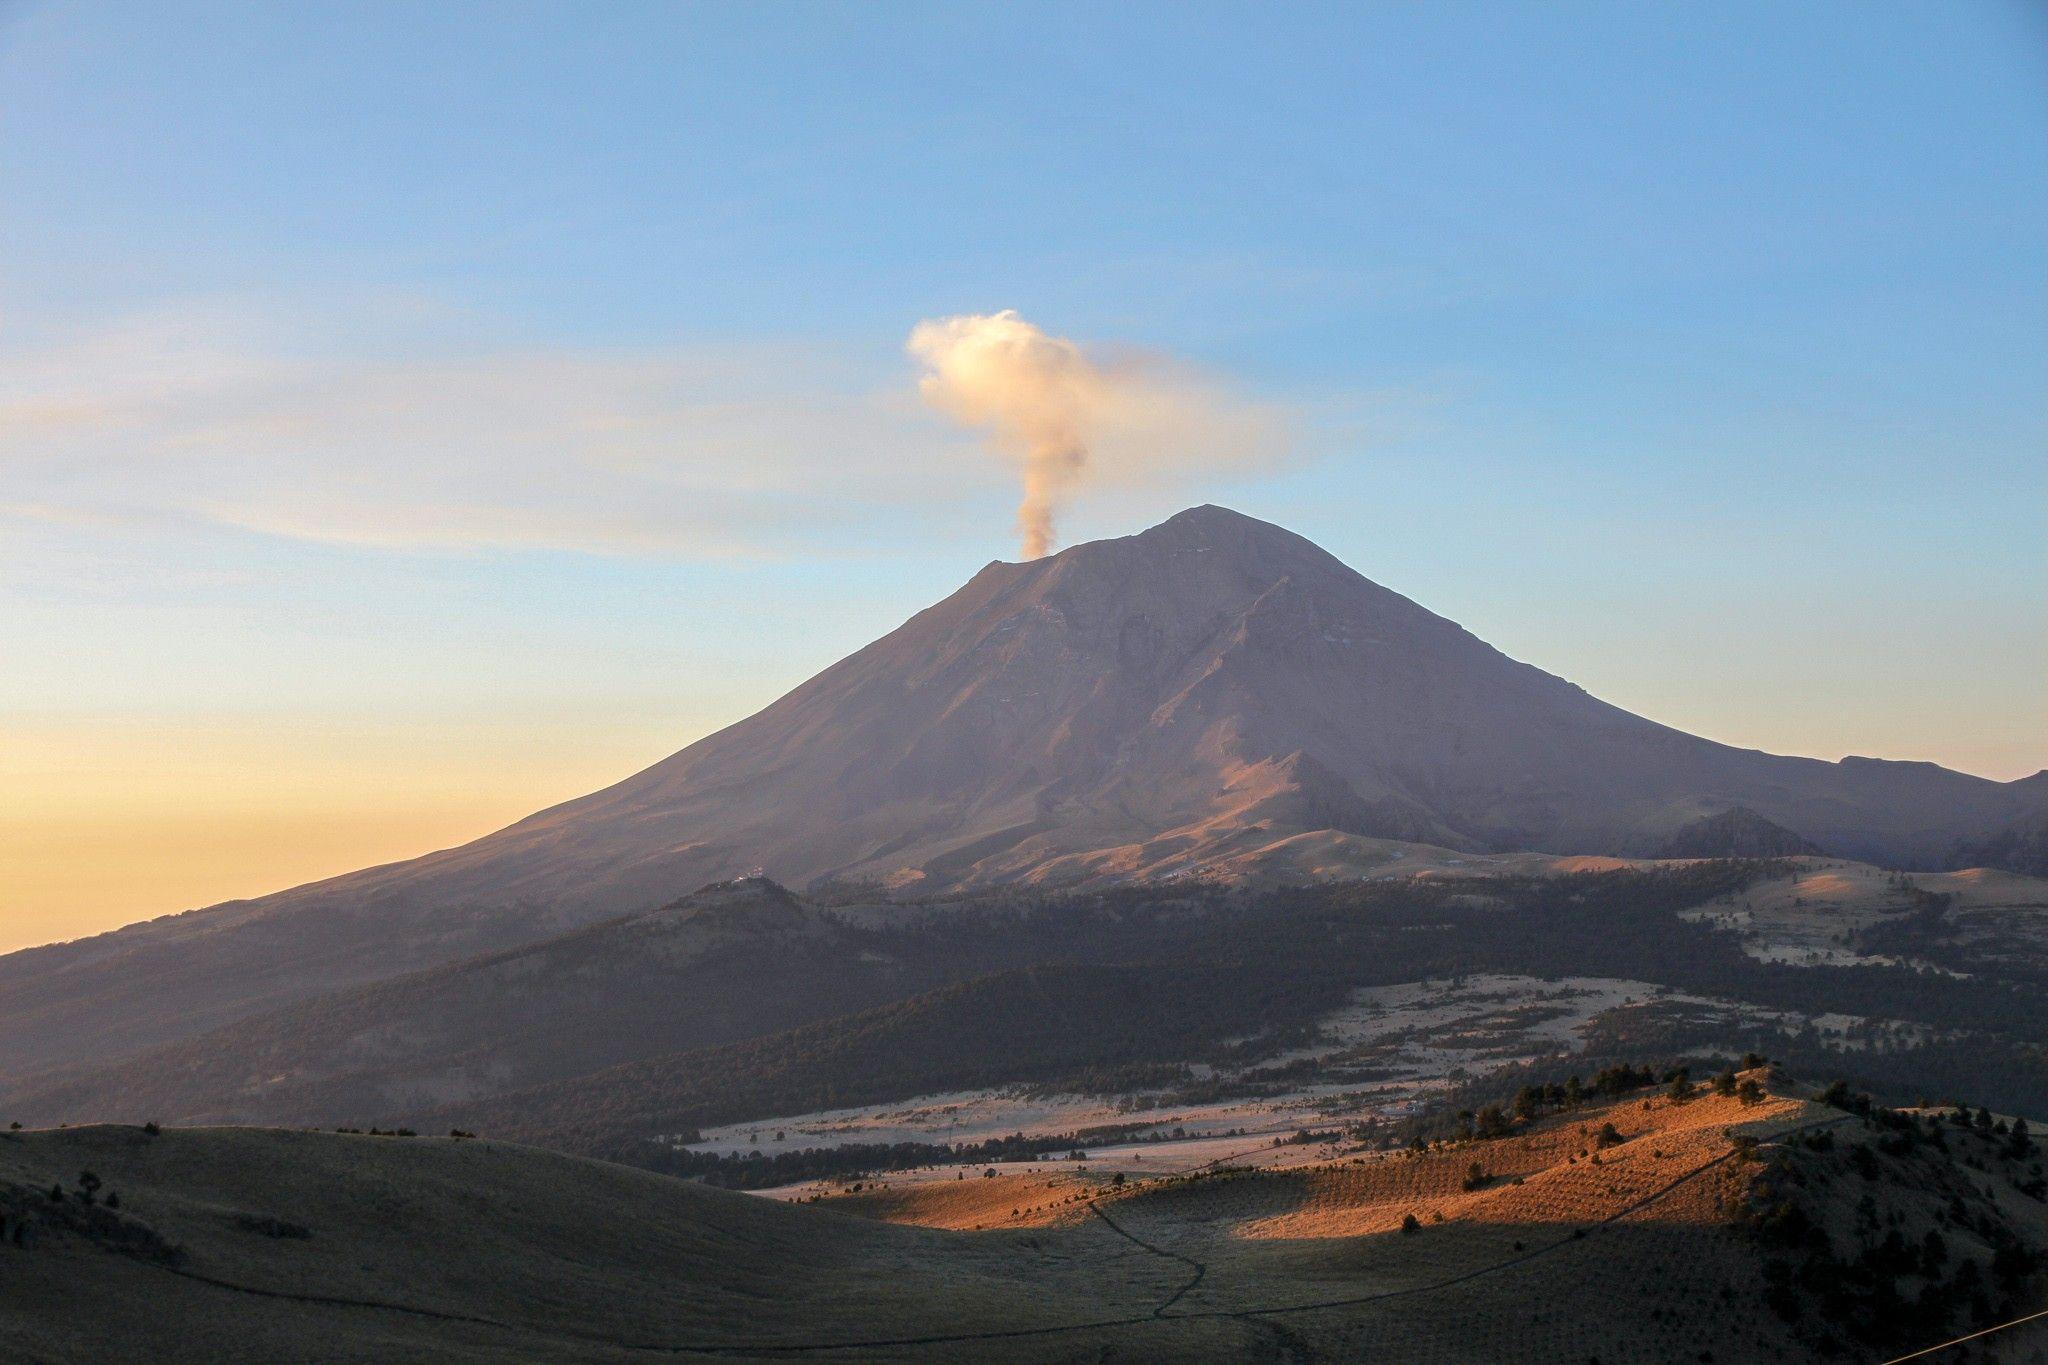 Mexique : reportage au sommet du Popocatepetl | National Geographic